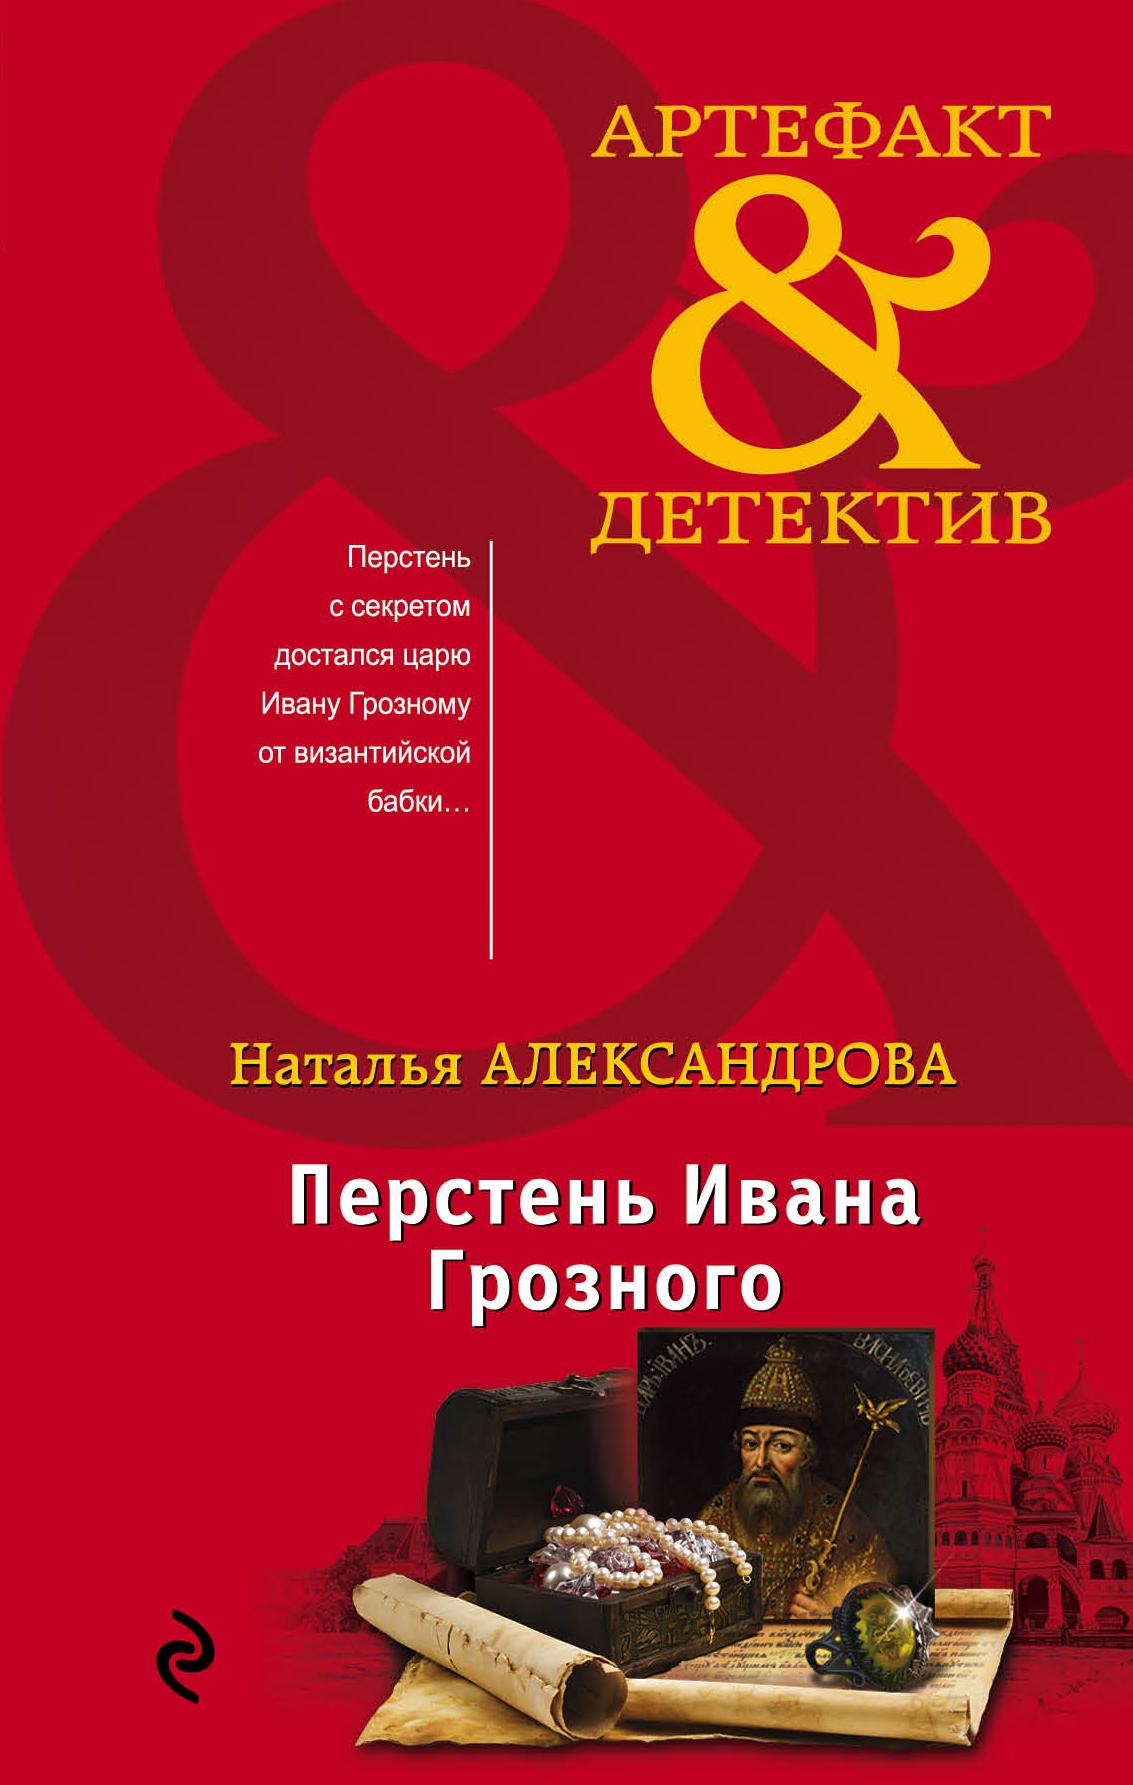 Наталья Александрова Перстень Ивана Грозного сетка fit 38135